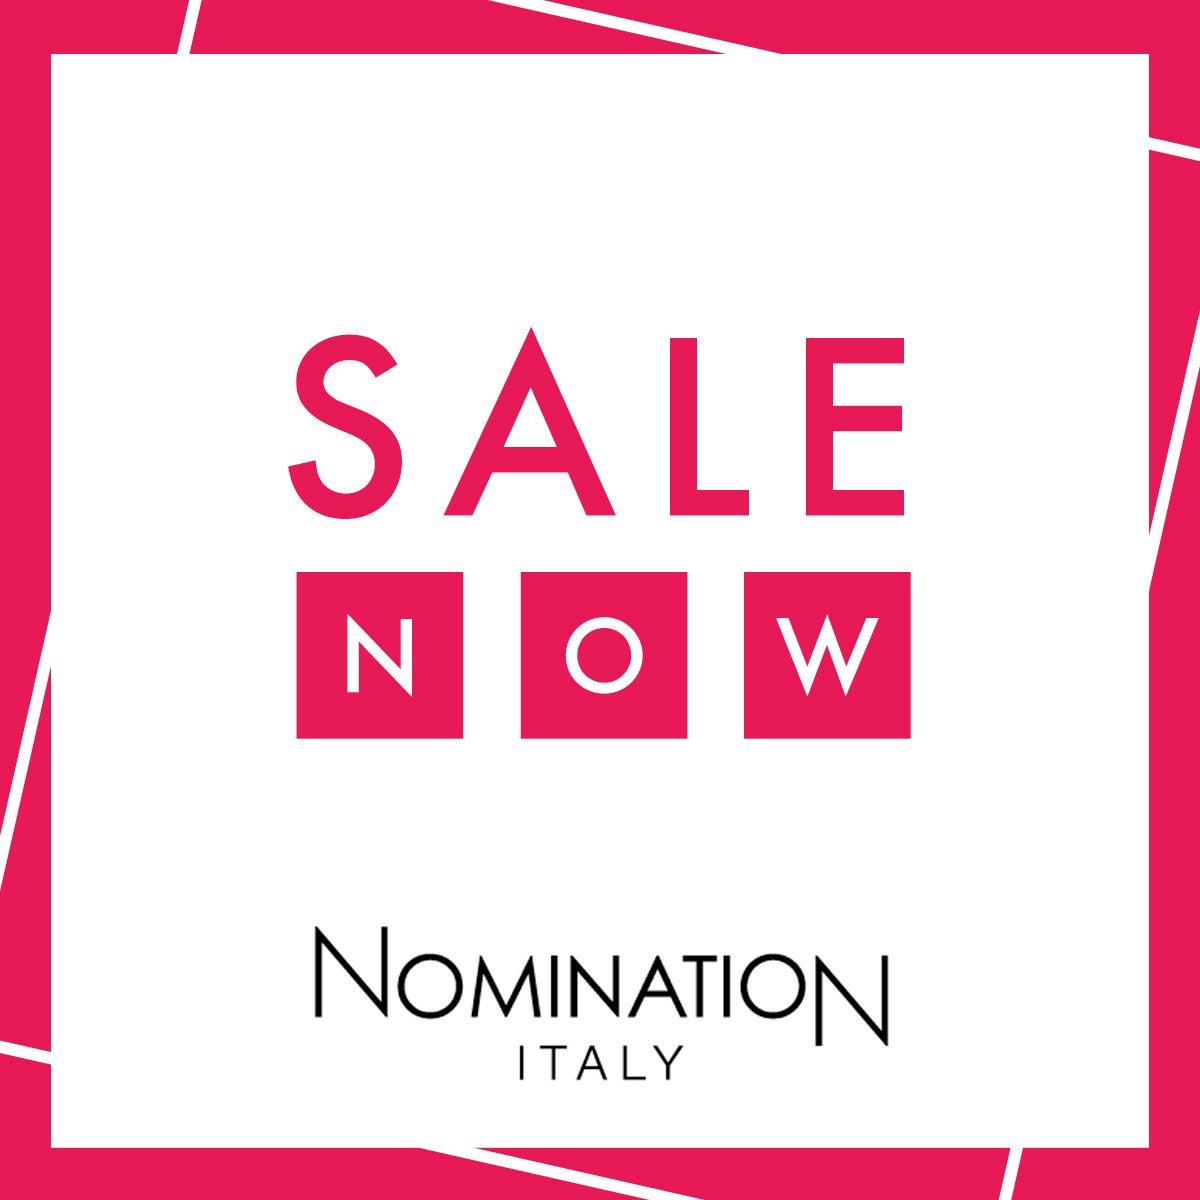 nomination sale